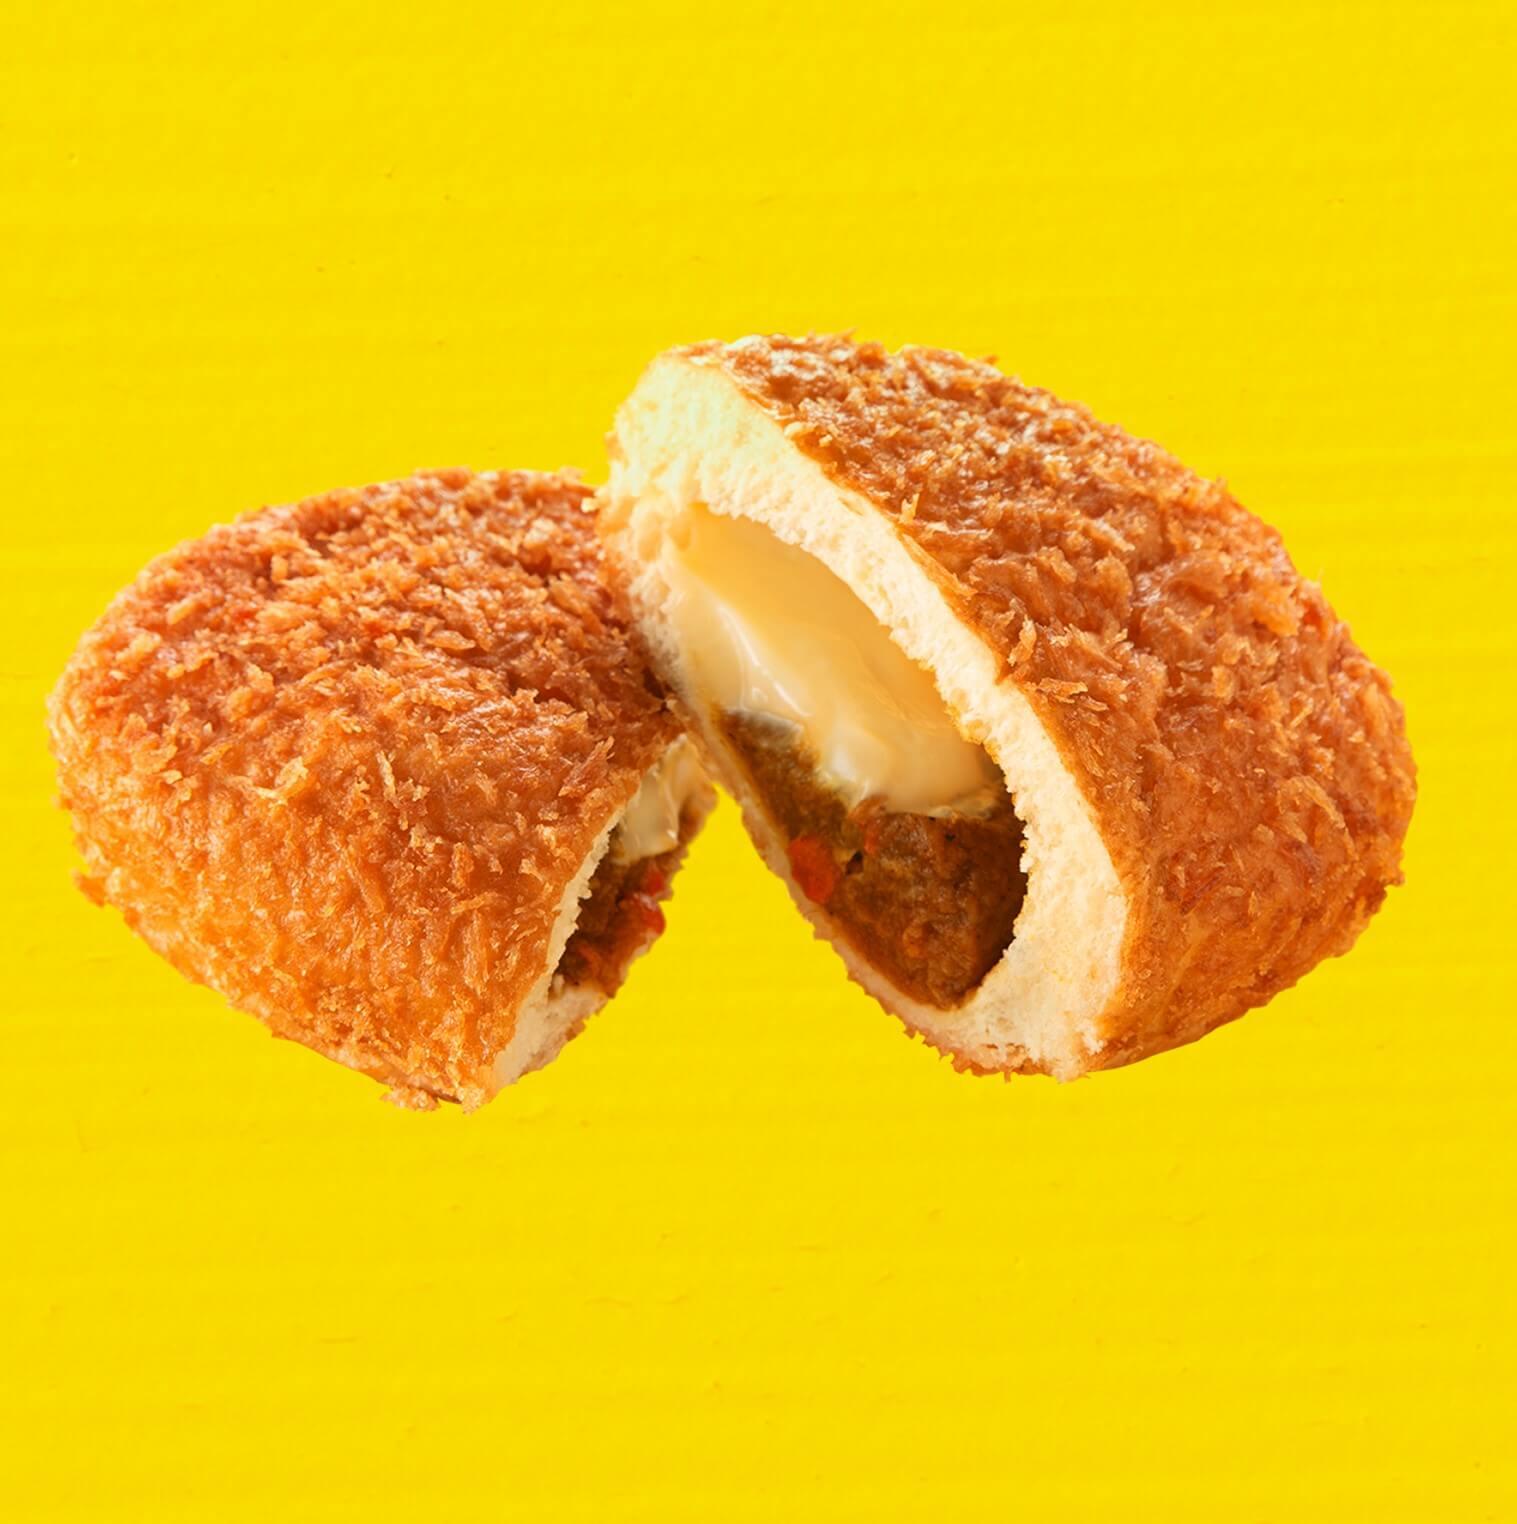 ファミリーマートの『ファミマ 夏のカレー祭り』-カレーハウスCoCo壱番屋監修 大きなチーズカレーパン